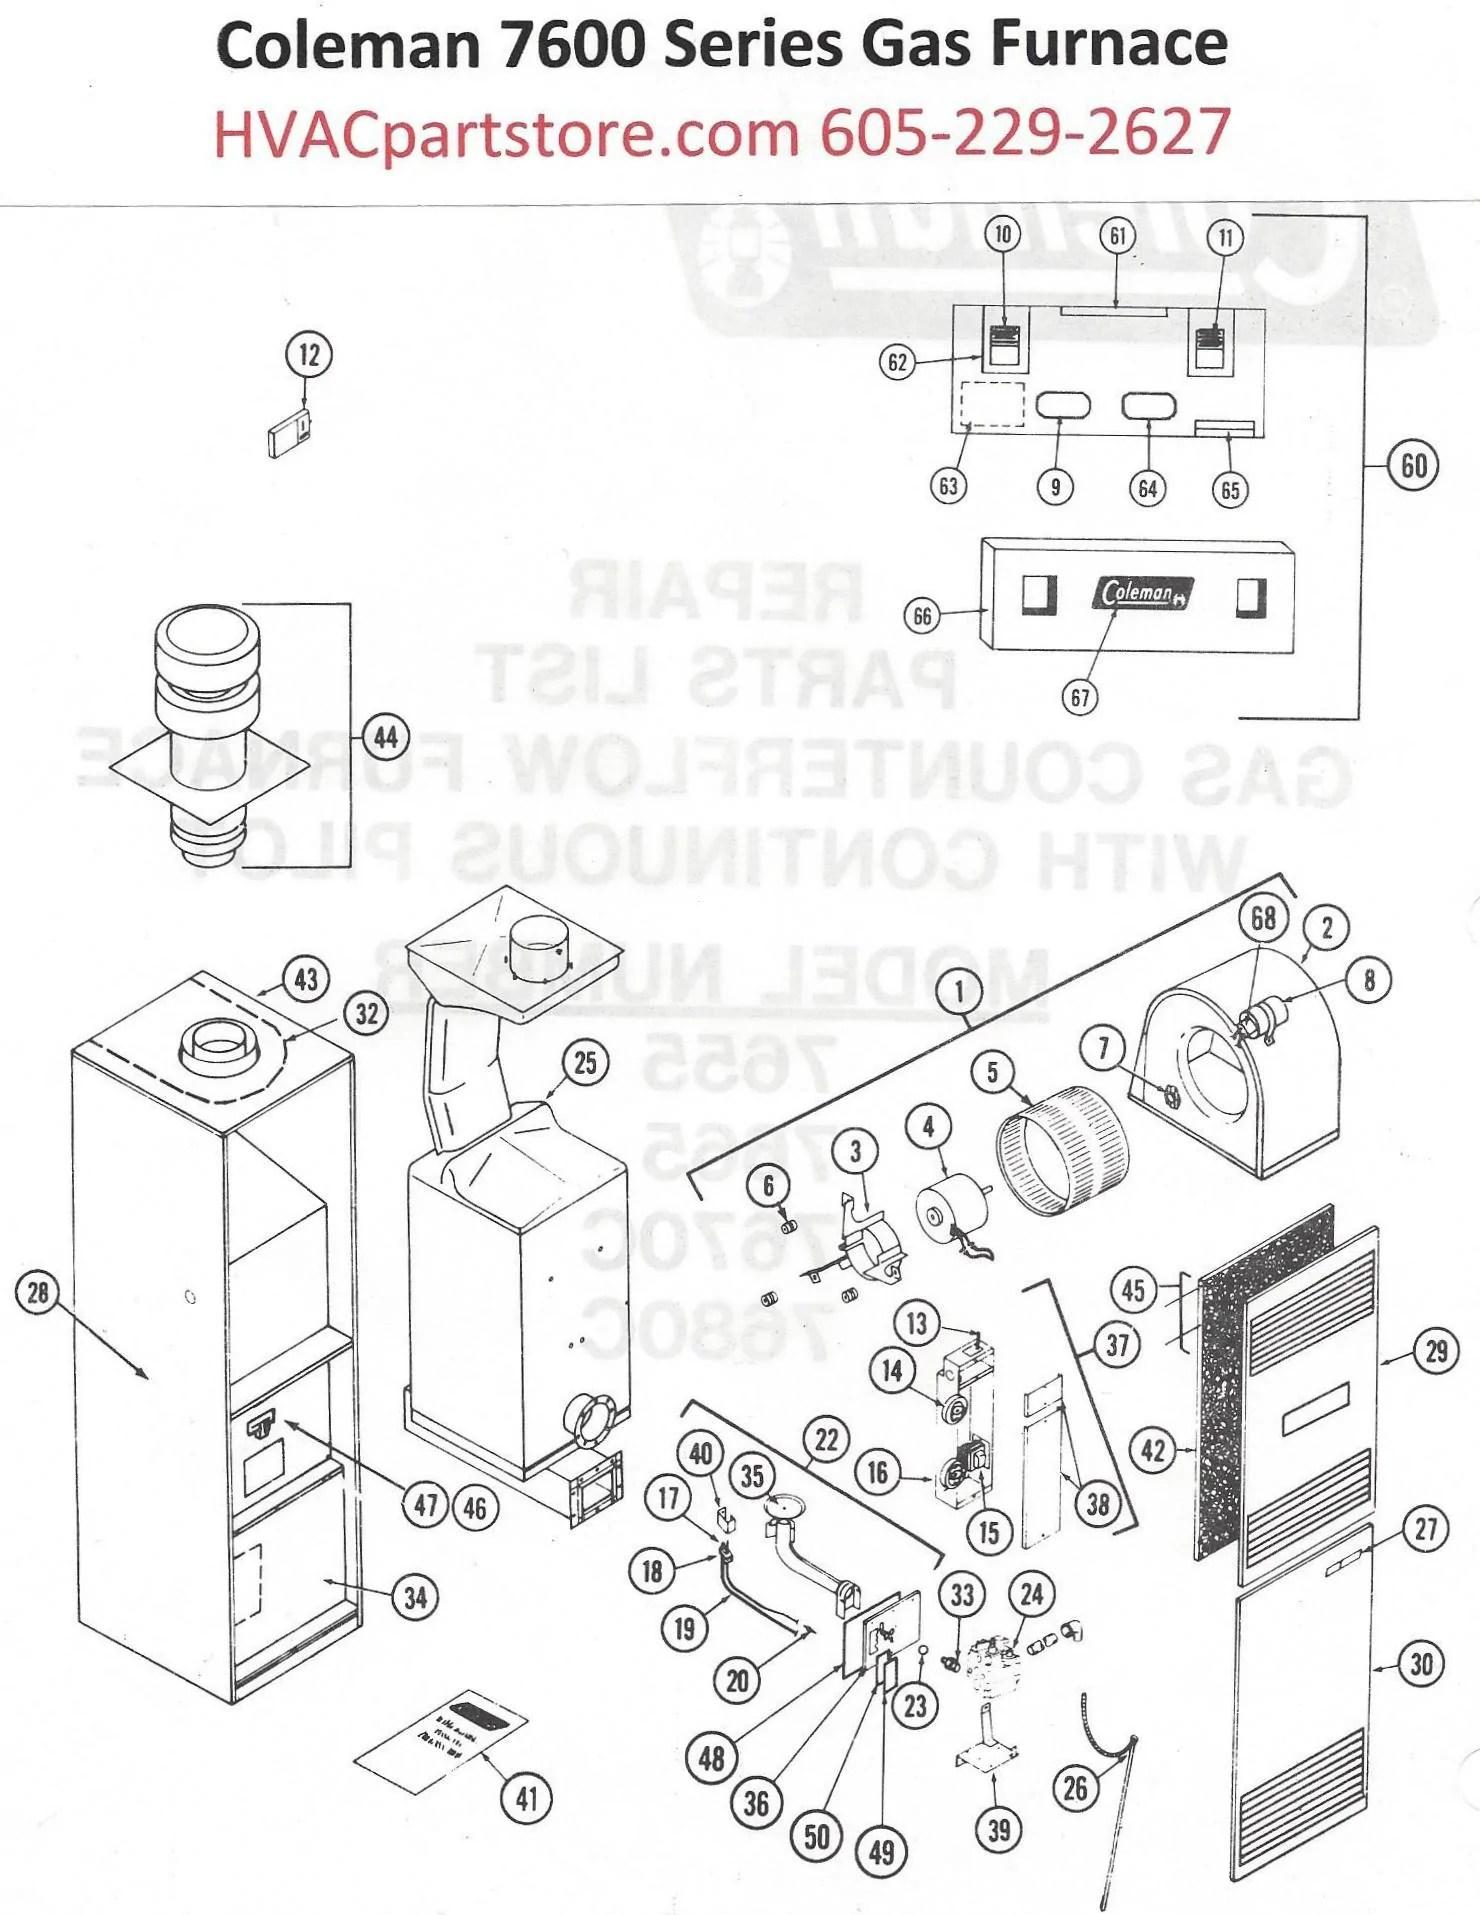 Home Breaker Box Diagram